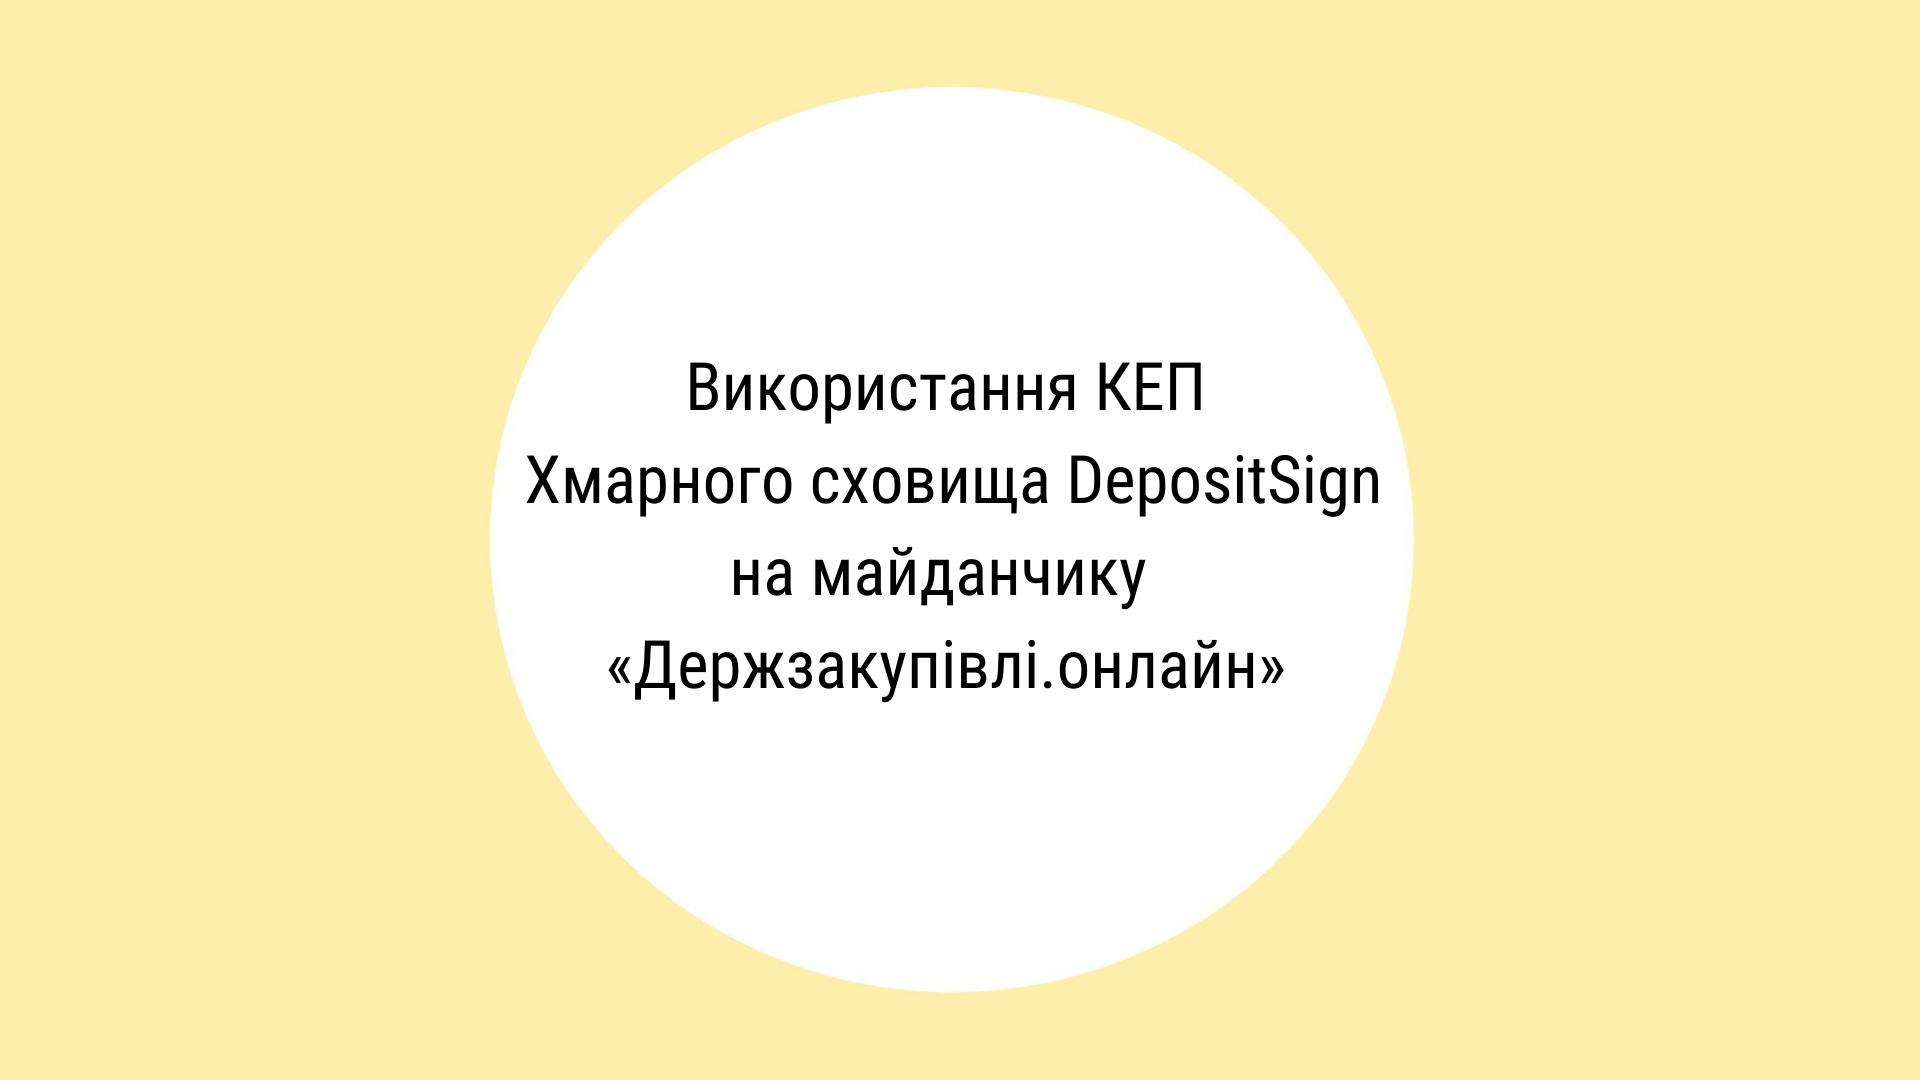 Використання КЕП Хмарного сховища DepositSign на майданчику «Держзакупівлі.онлайн»